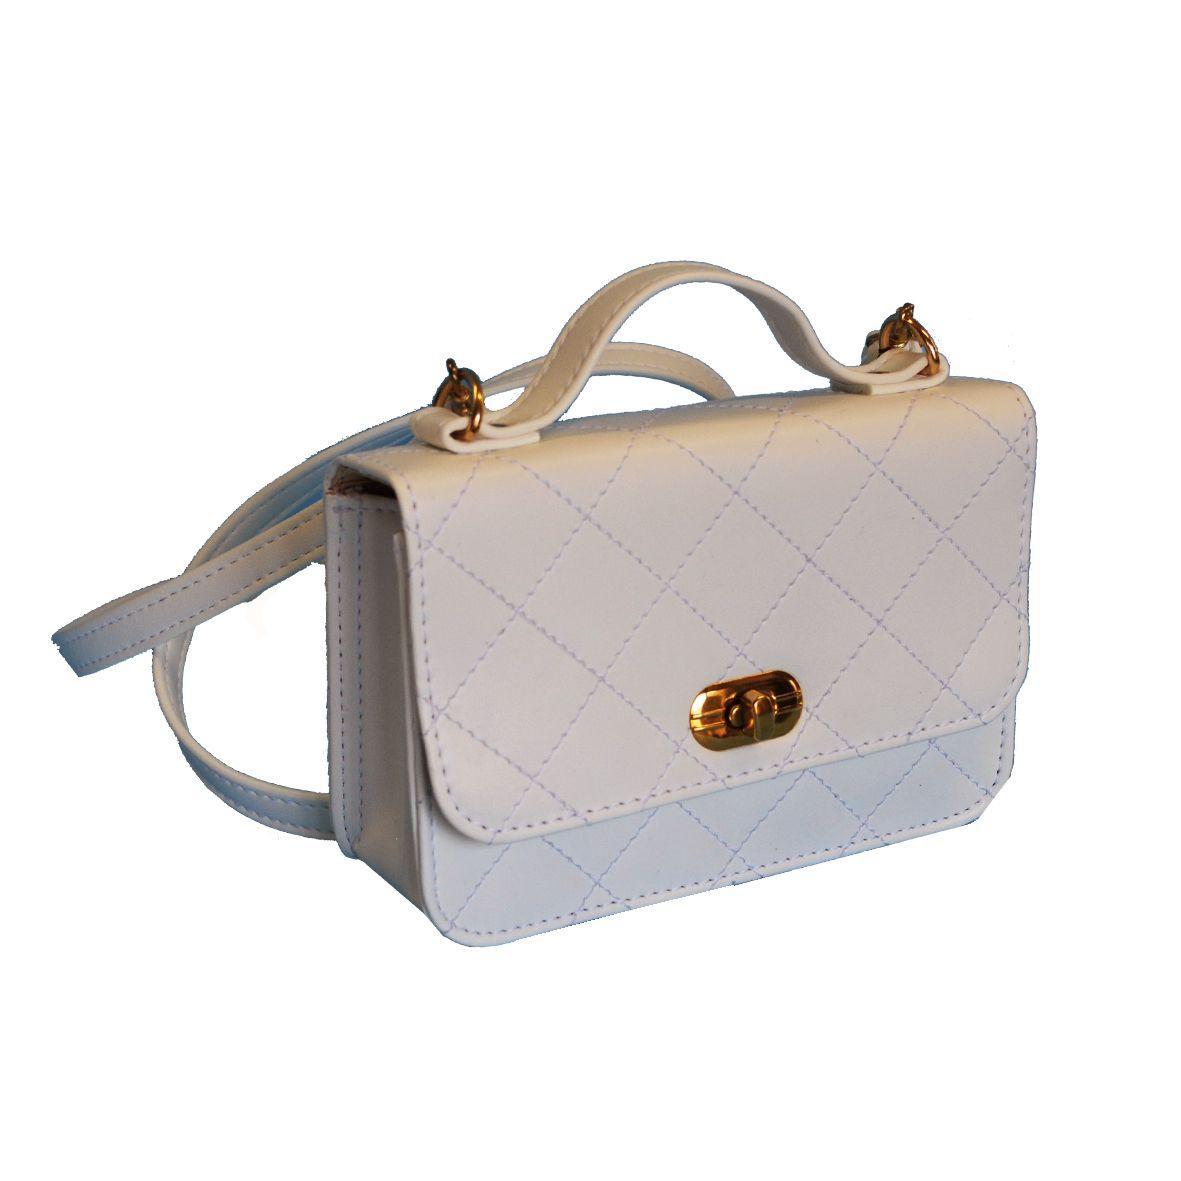 bd64afce74 Luxusná dámska kabelka crossbody 8679 v bielej farbe · Luxusné a ...